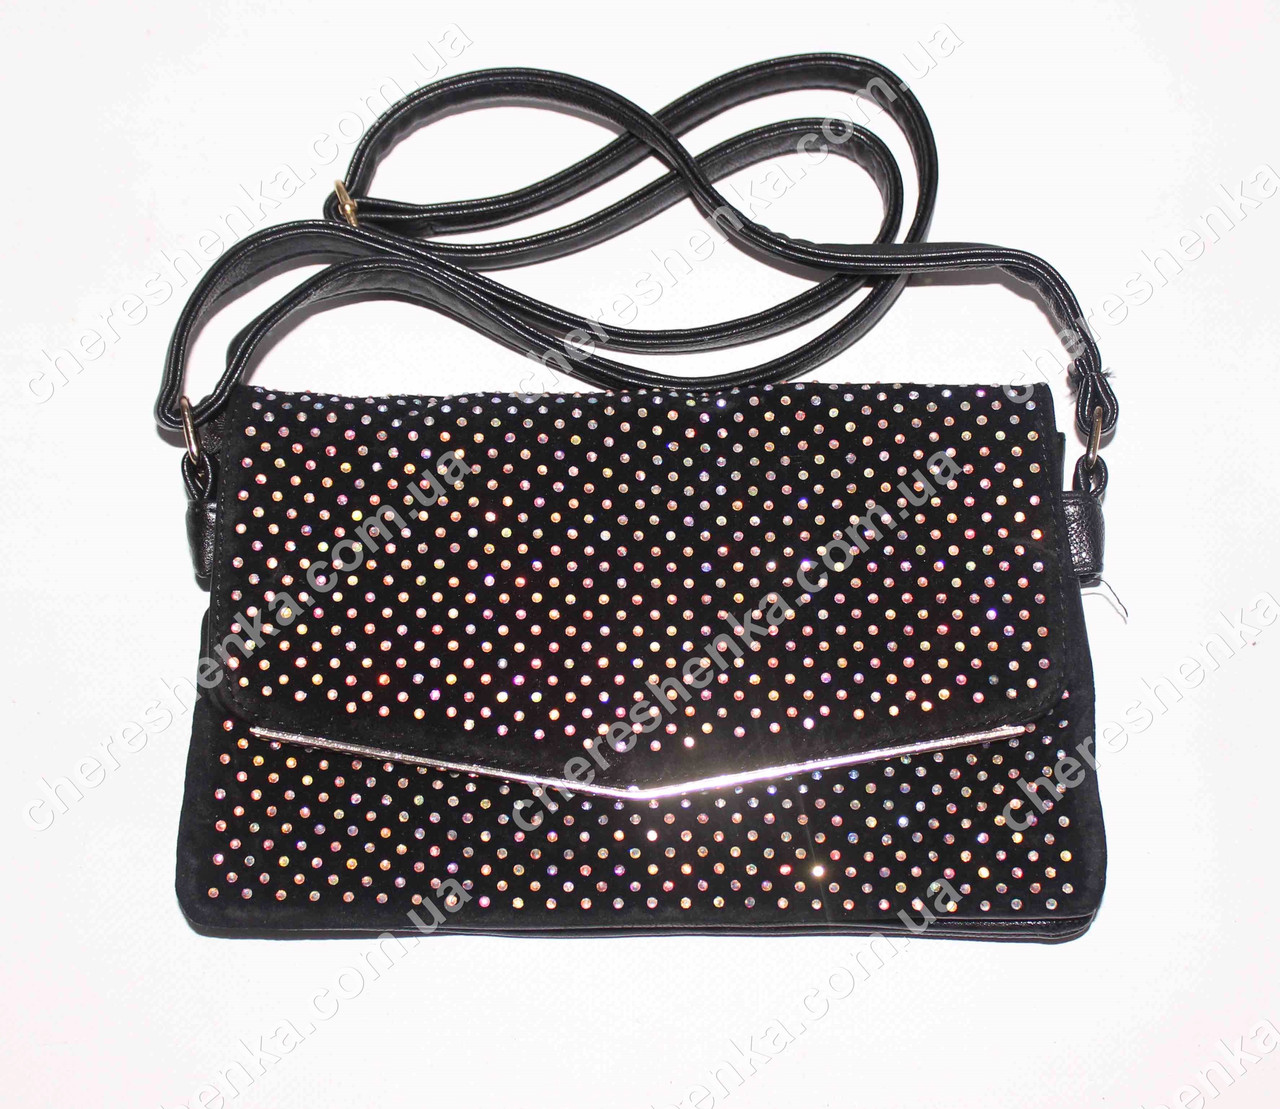 Женская сумочка Chameleon T08-2